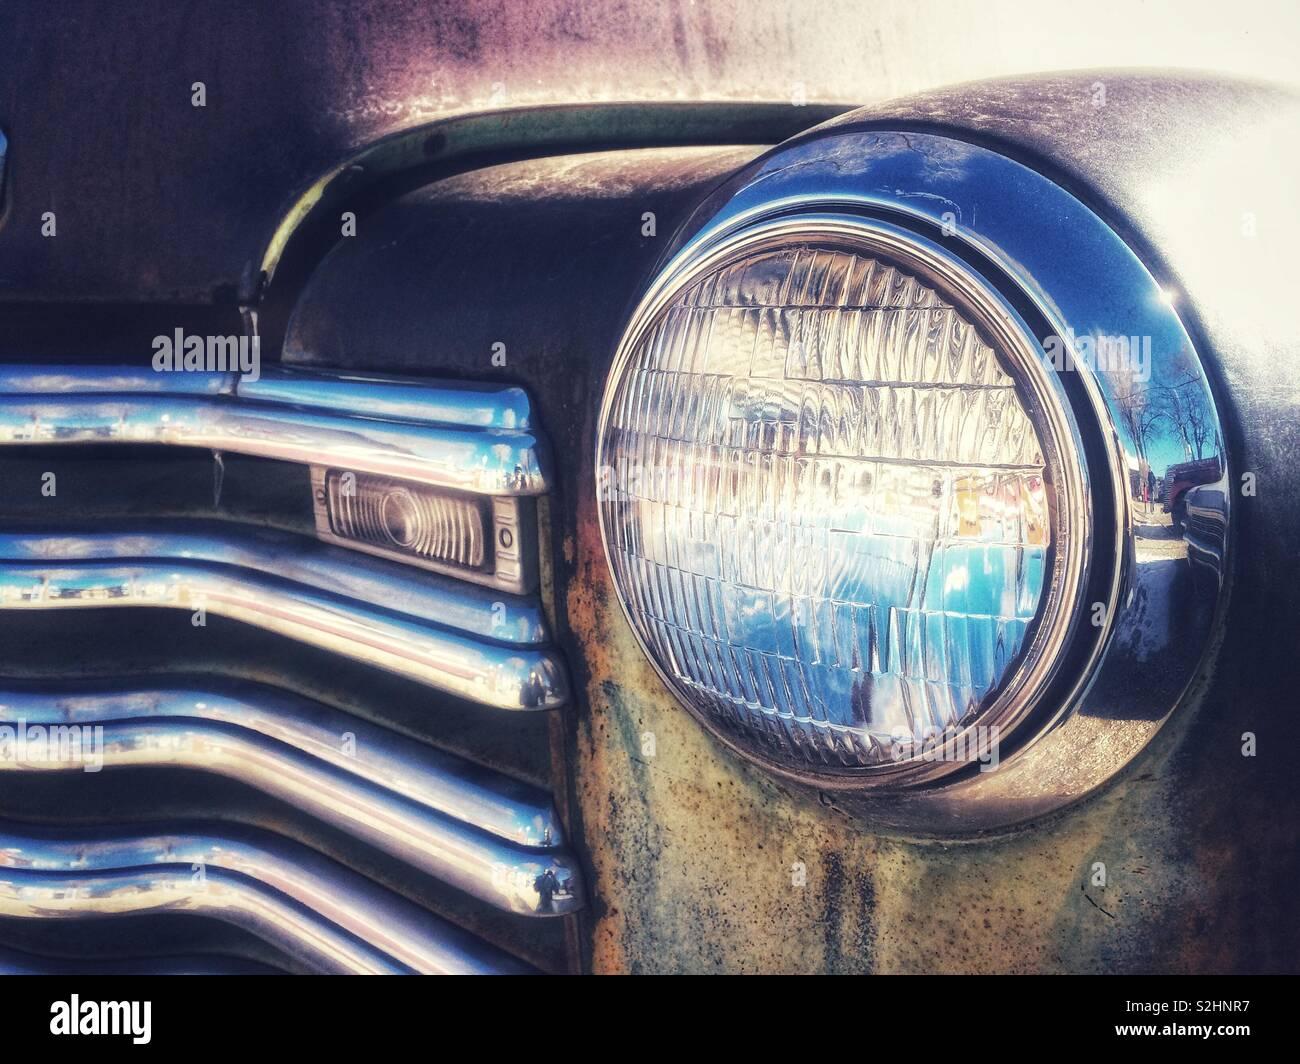 Un tocco di cielo blu riflessione su questa vecchia macchina. Foto Stock